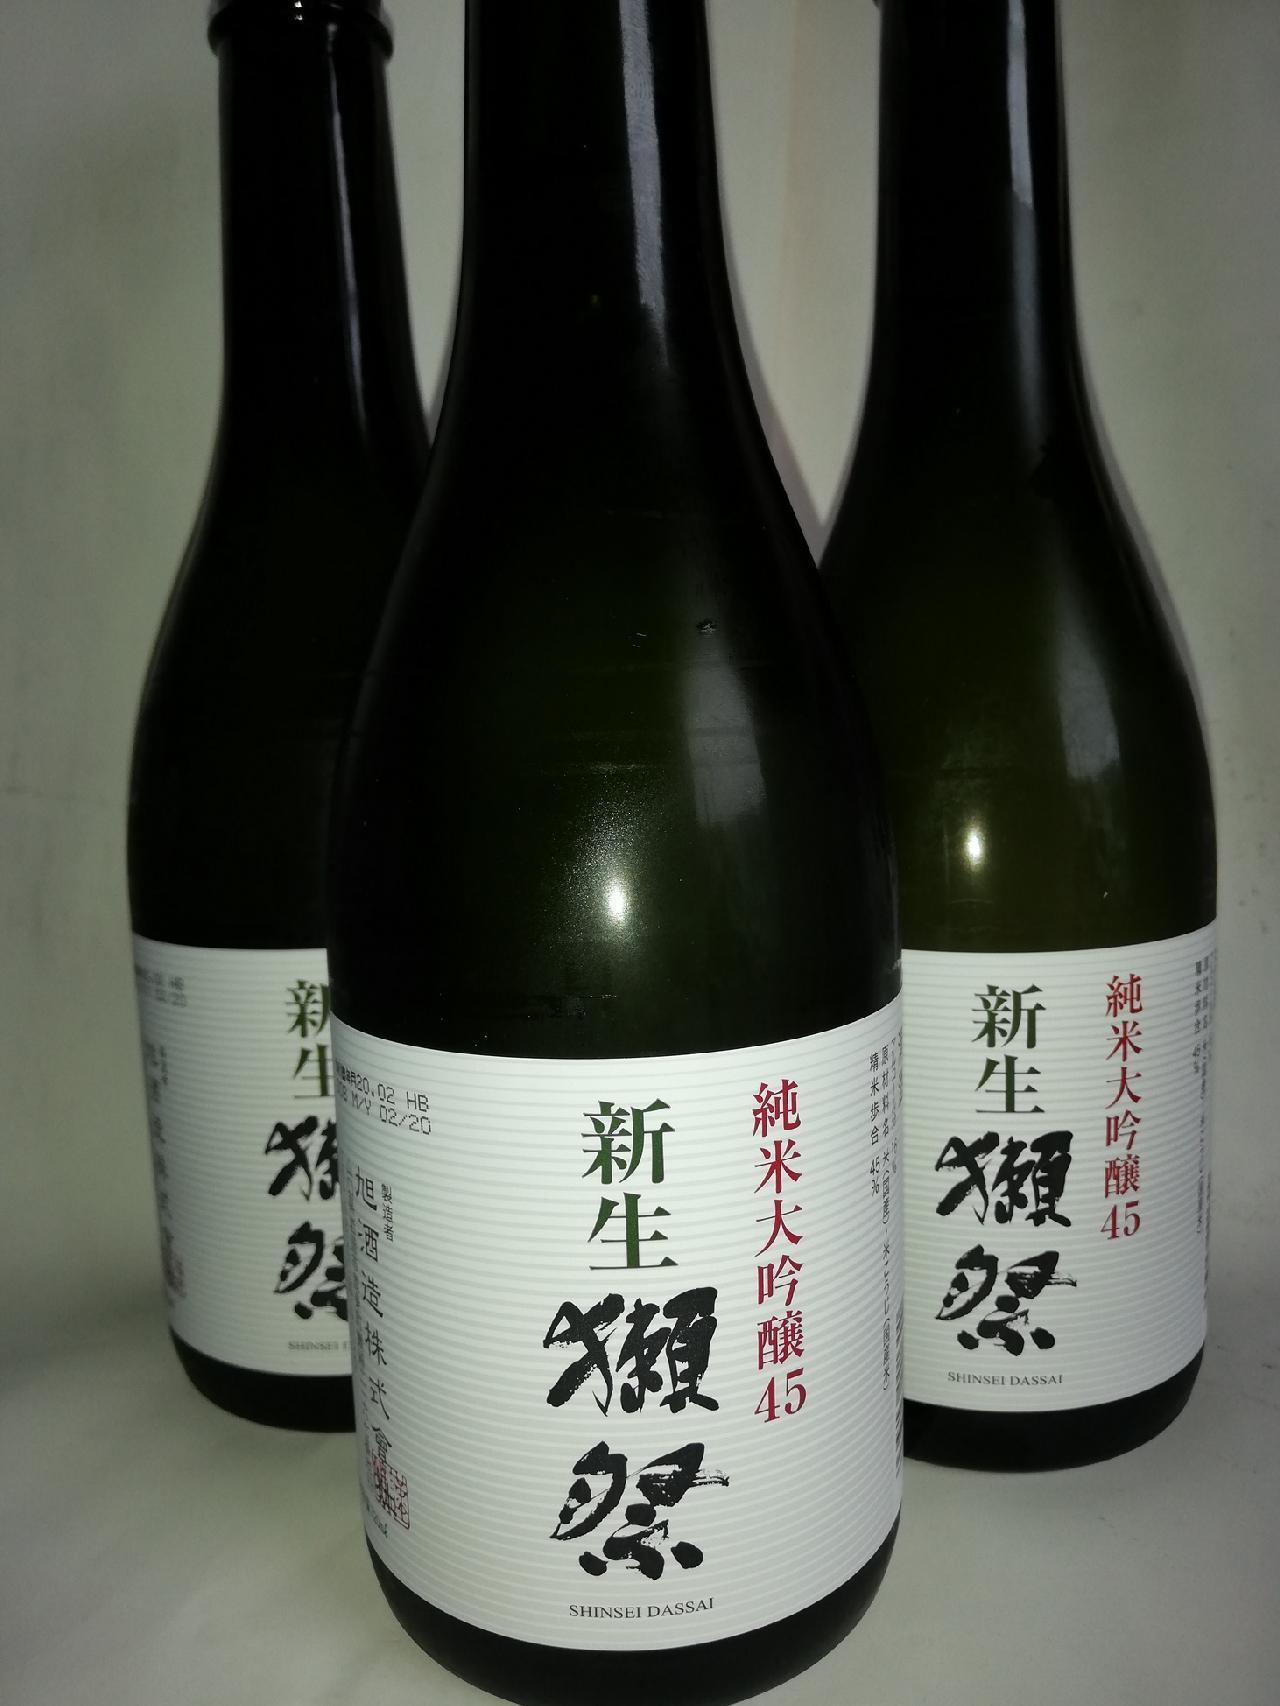 新生 獺祭純米大吟醸45 720ml